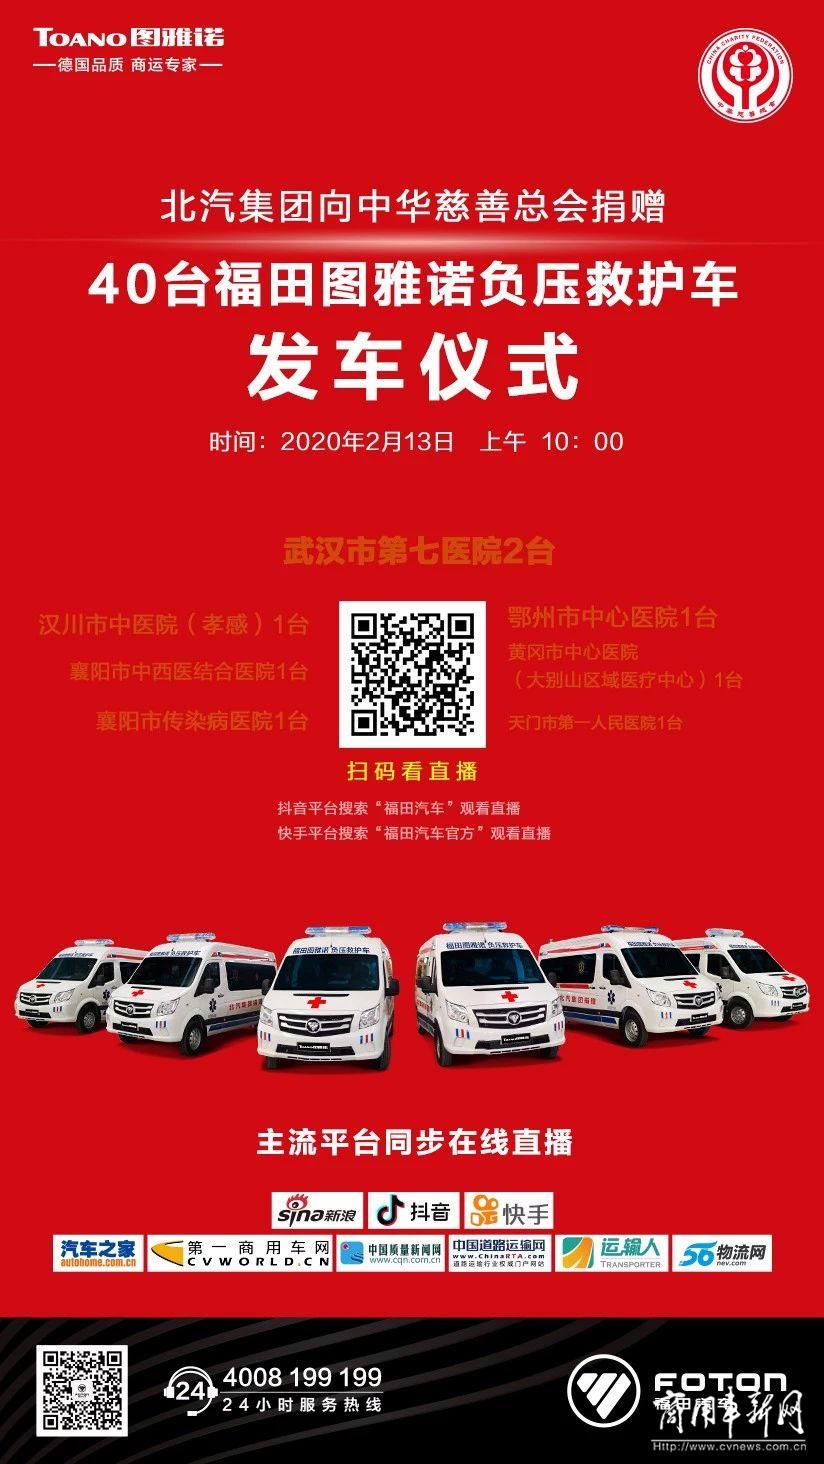 再发车!北汽集团捐赠40辆福田图雅诺负压救护车